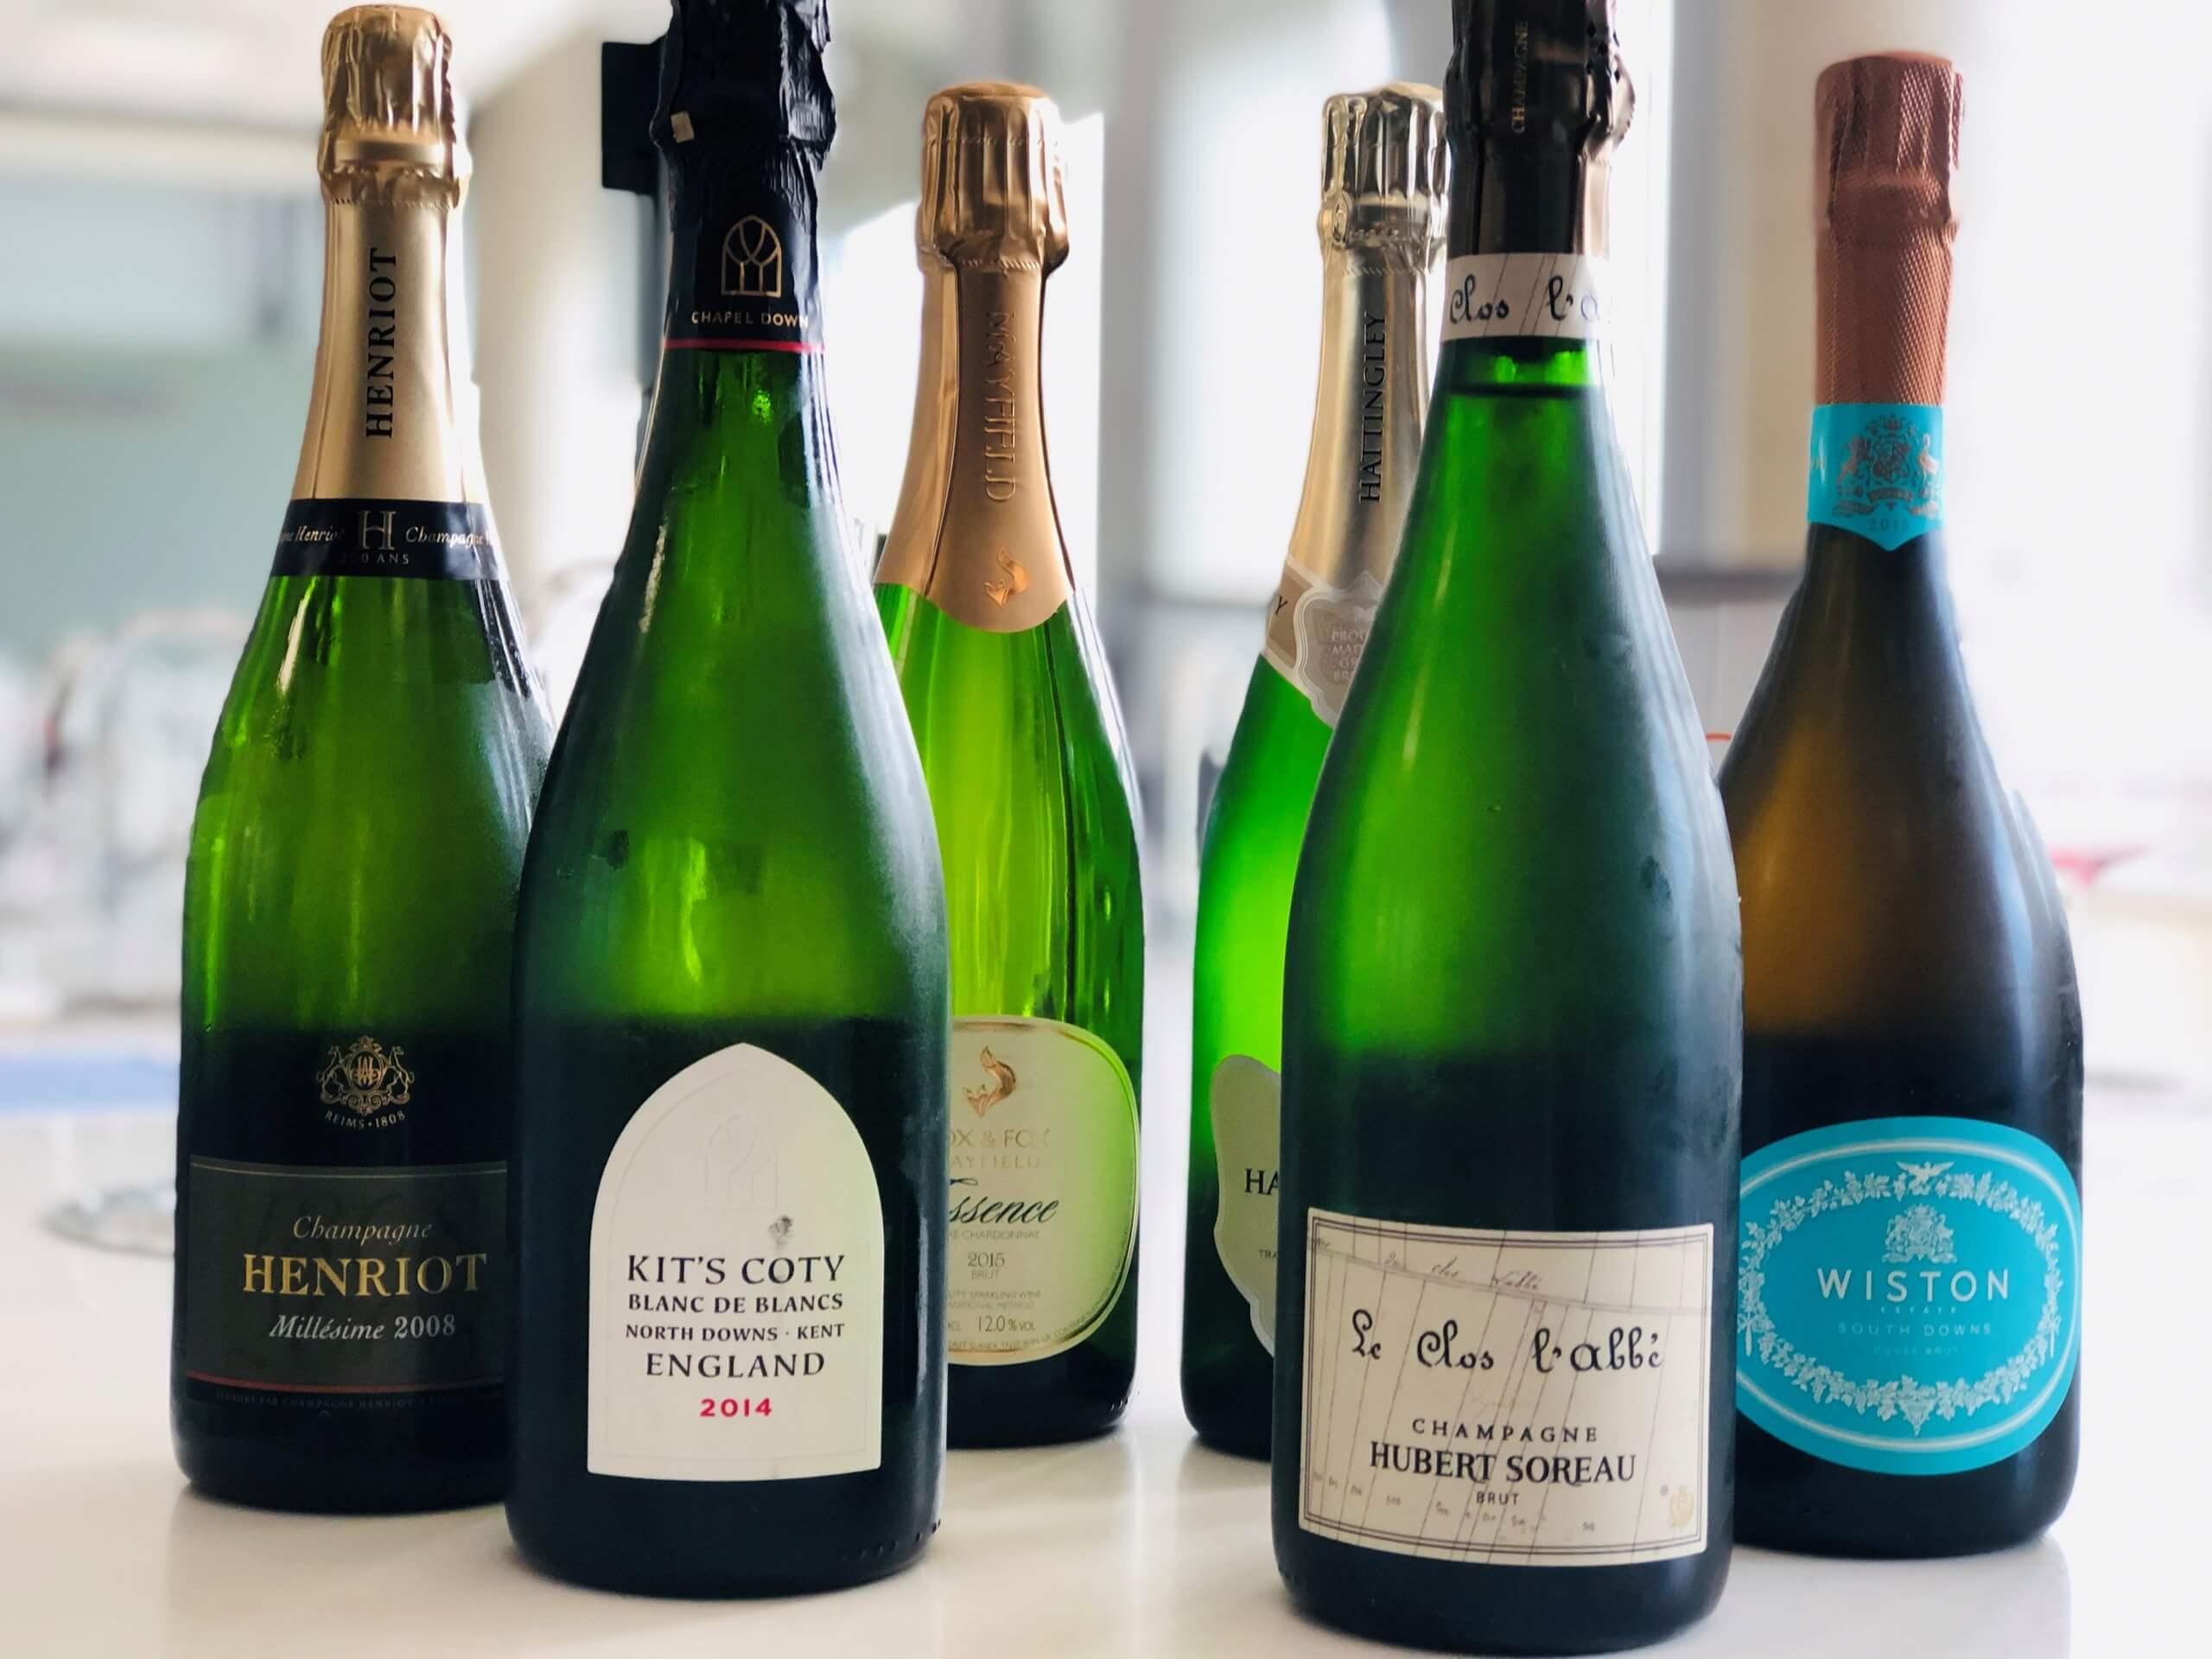 Ville du betalt over 1000 kroner for en flaske britiske bobler? På årets spesialslipp av bobler er det flere engelske bobler enn noen gang. Her er noen forslag til musserende viner, også til en rimeligere pris.